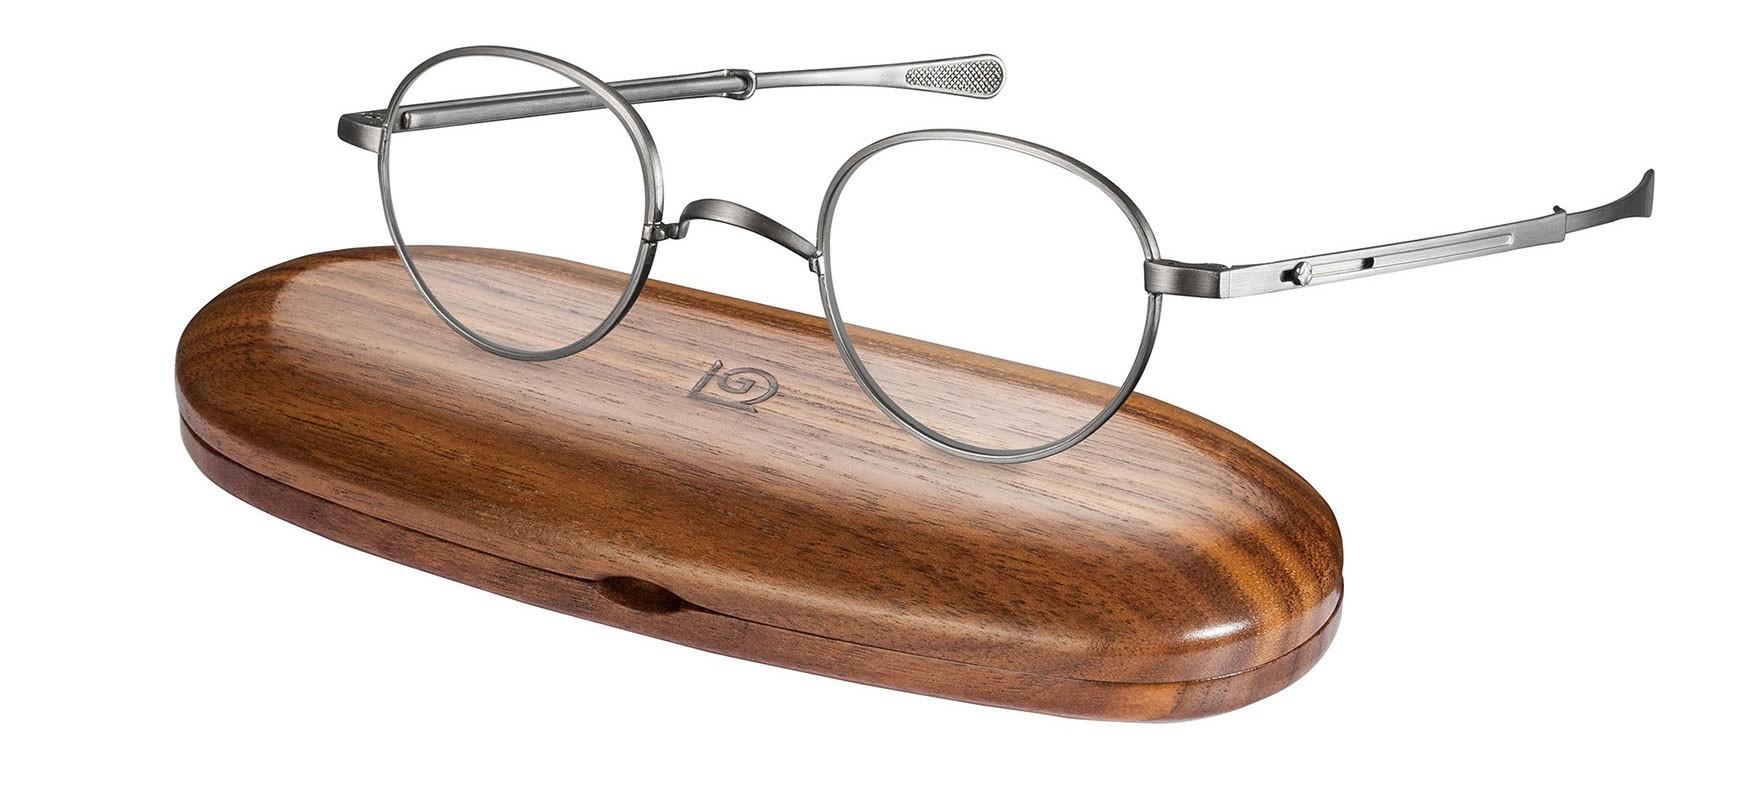 Nahaufnahme von einer Gernot Lindner runden Korrekturbrille mit silbernem Gestell, die auf einem Brillenetui aus Holz liegt.